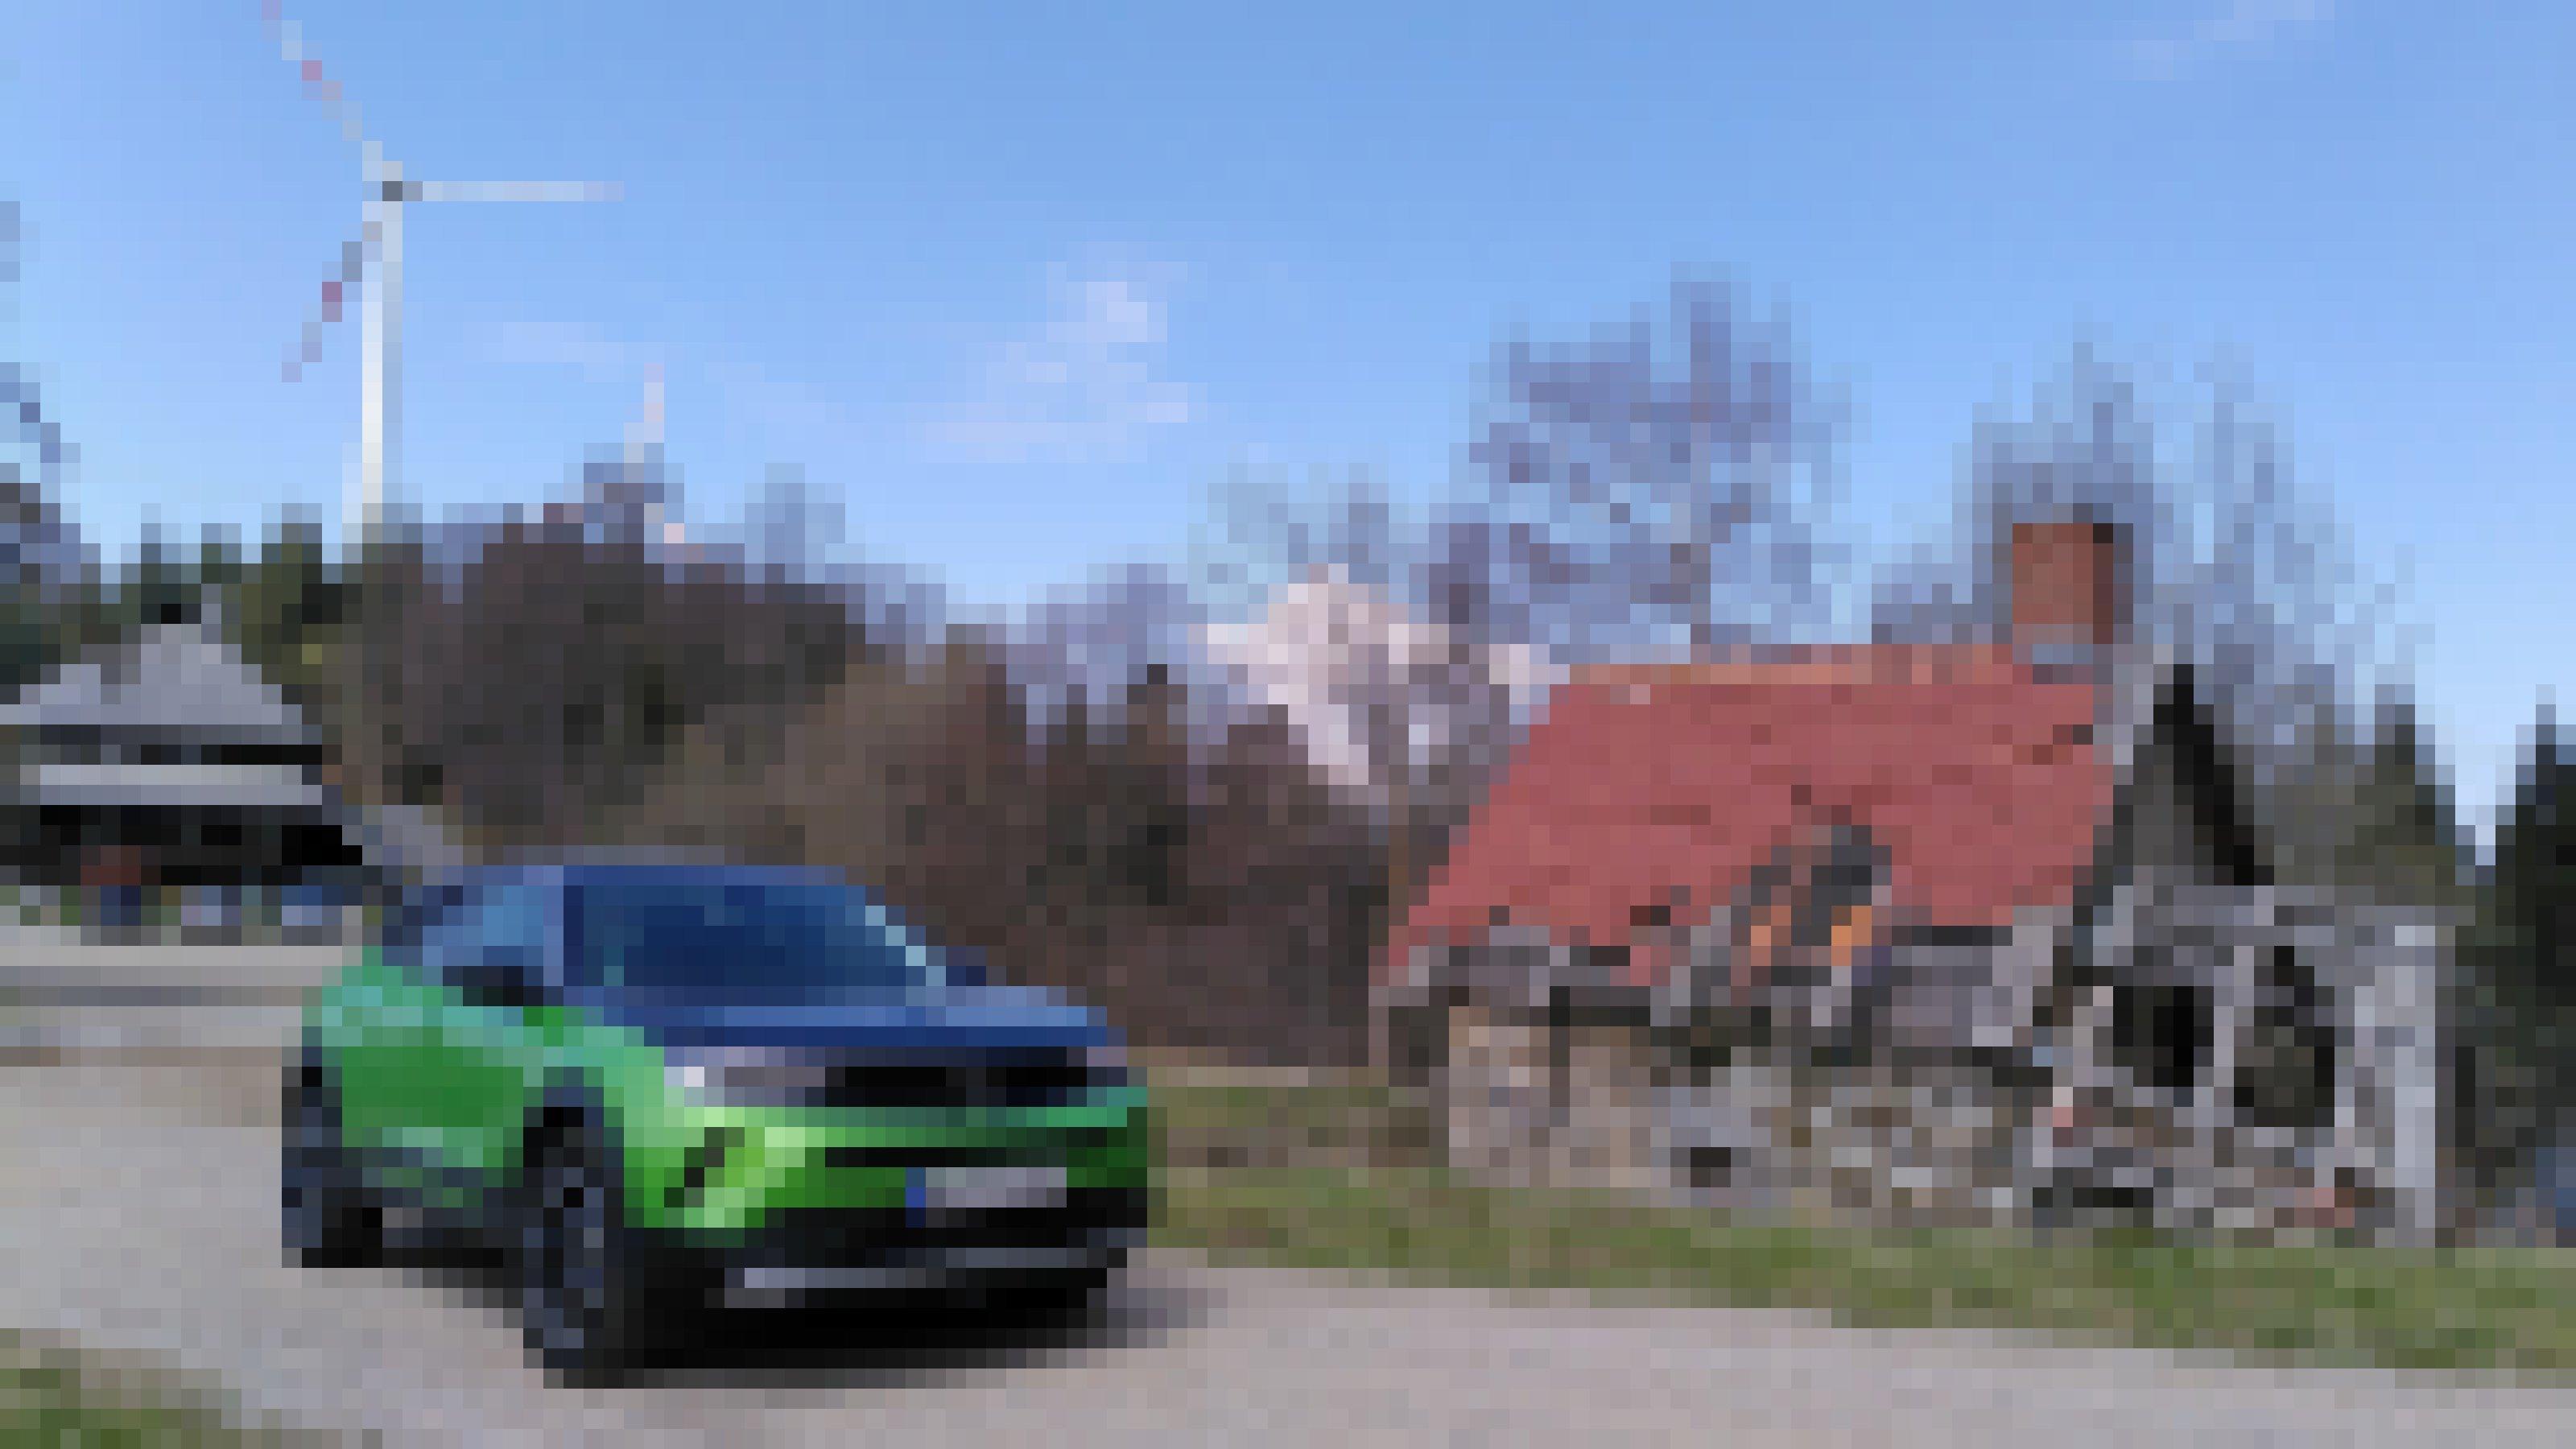 Ein Auto steht vor einer verfallenen Holzhütte. Im Hintergrund ist ein Windrad zu sehen.